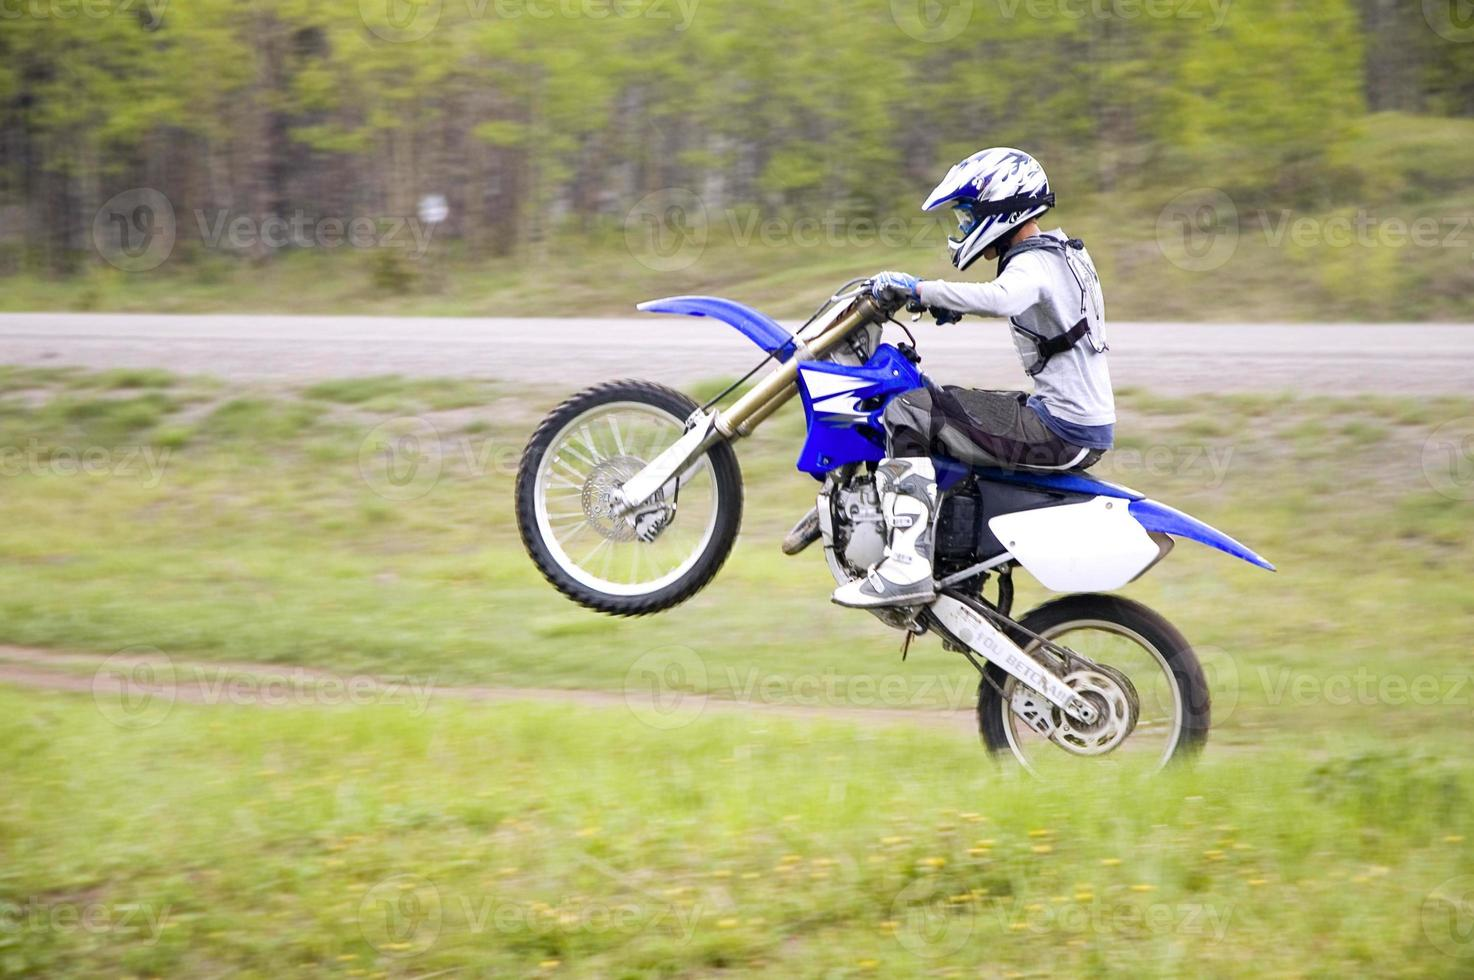 Motocross Racer photo